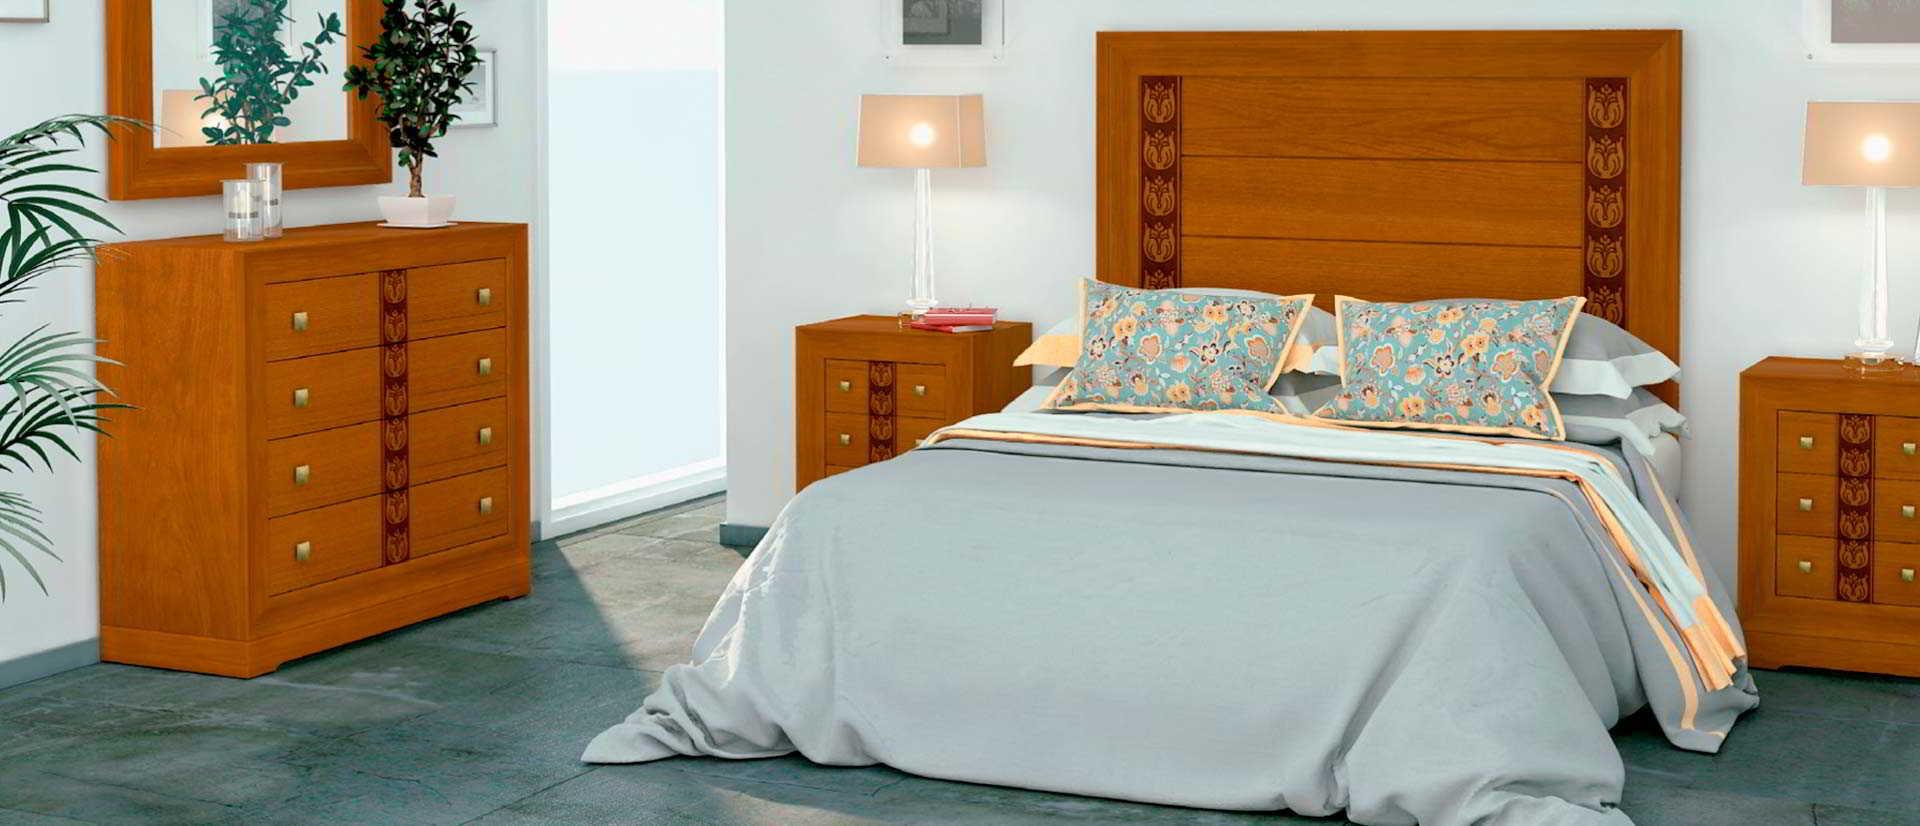 dormitorio de estilo clasico de madera